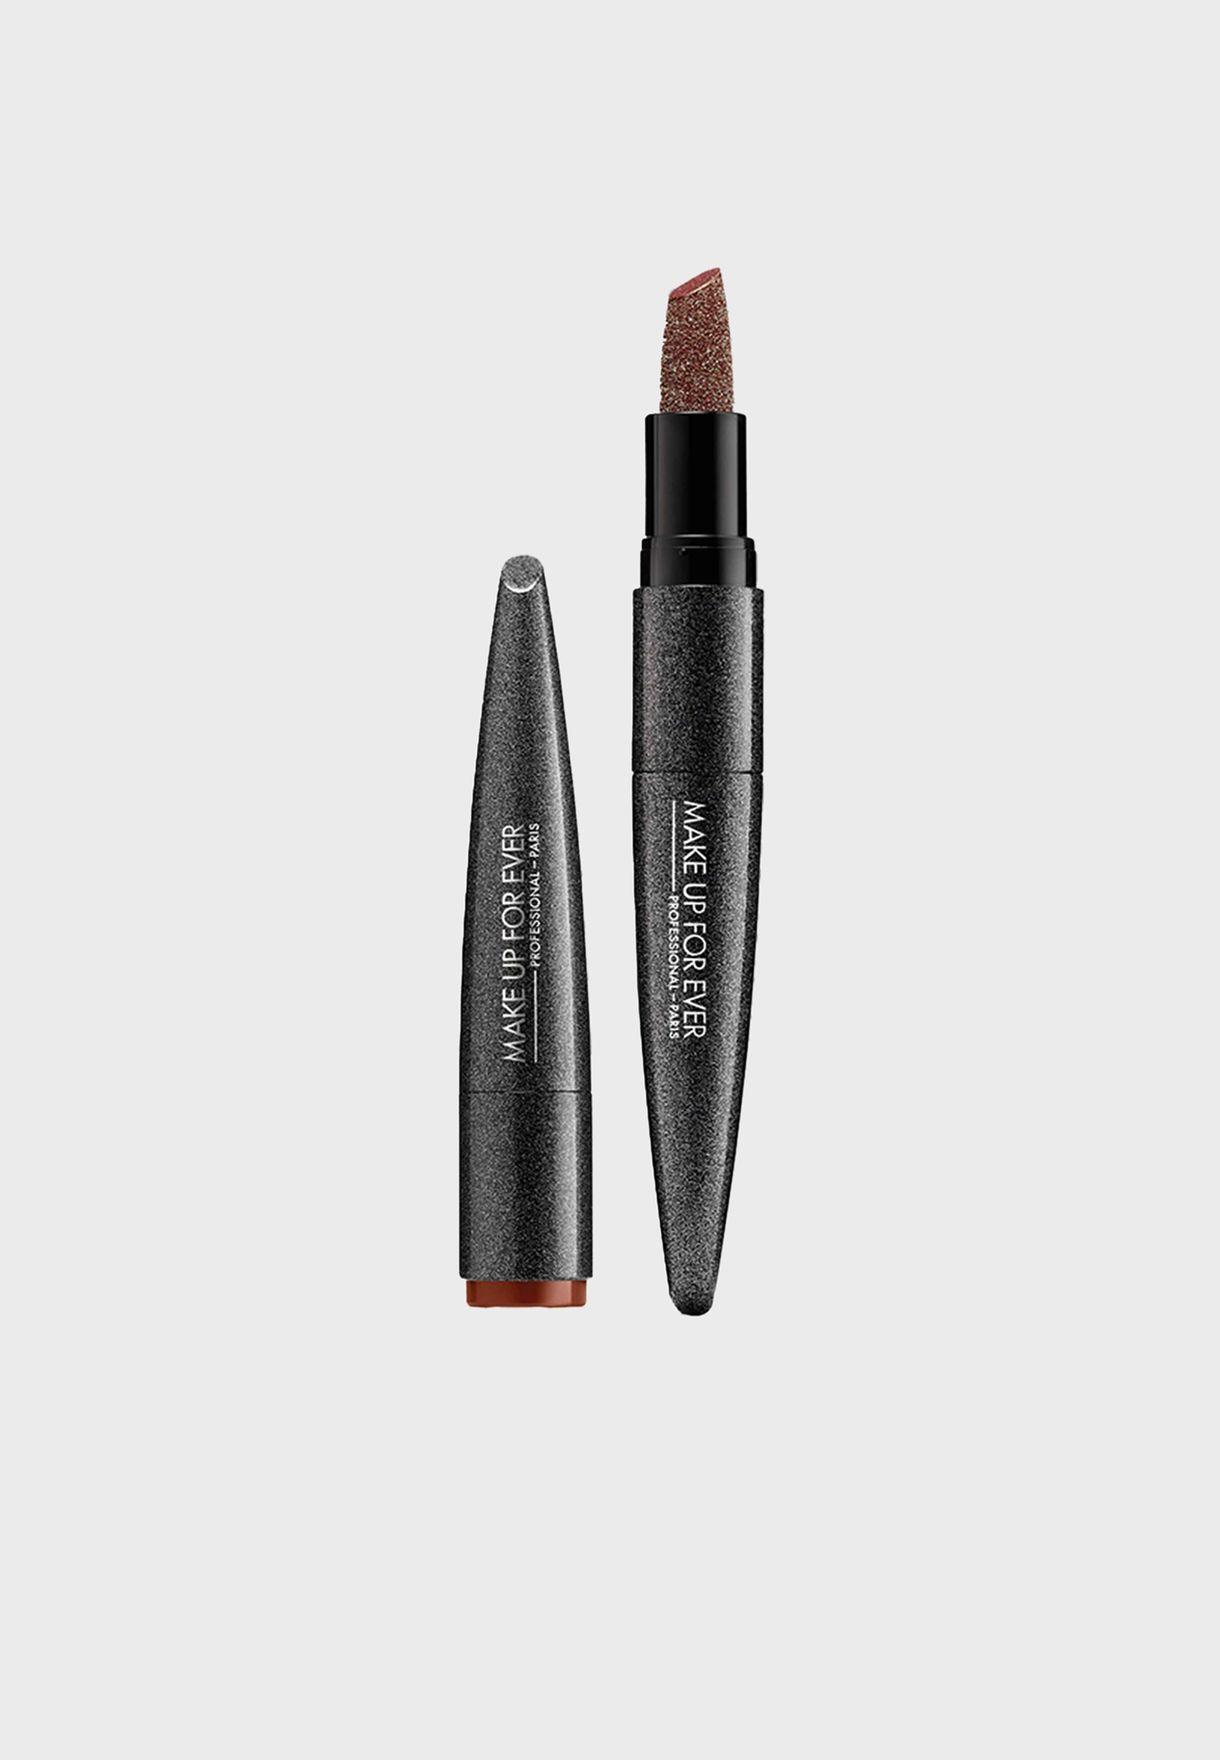 Rouge Artist Sparkle Lipstick 01 - Shimmering Gomed